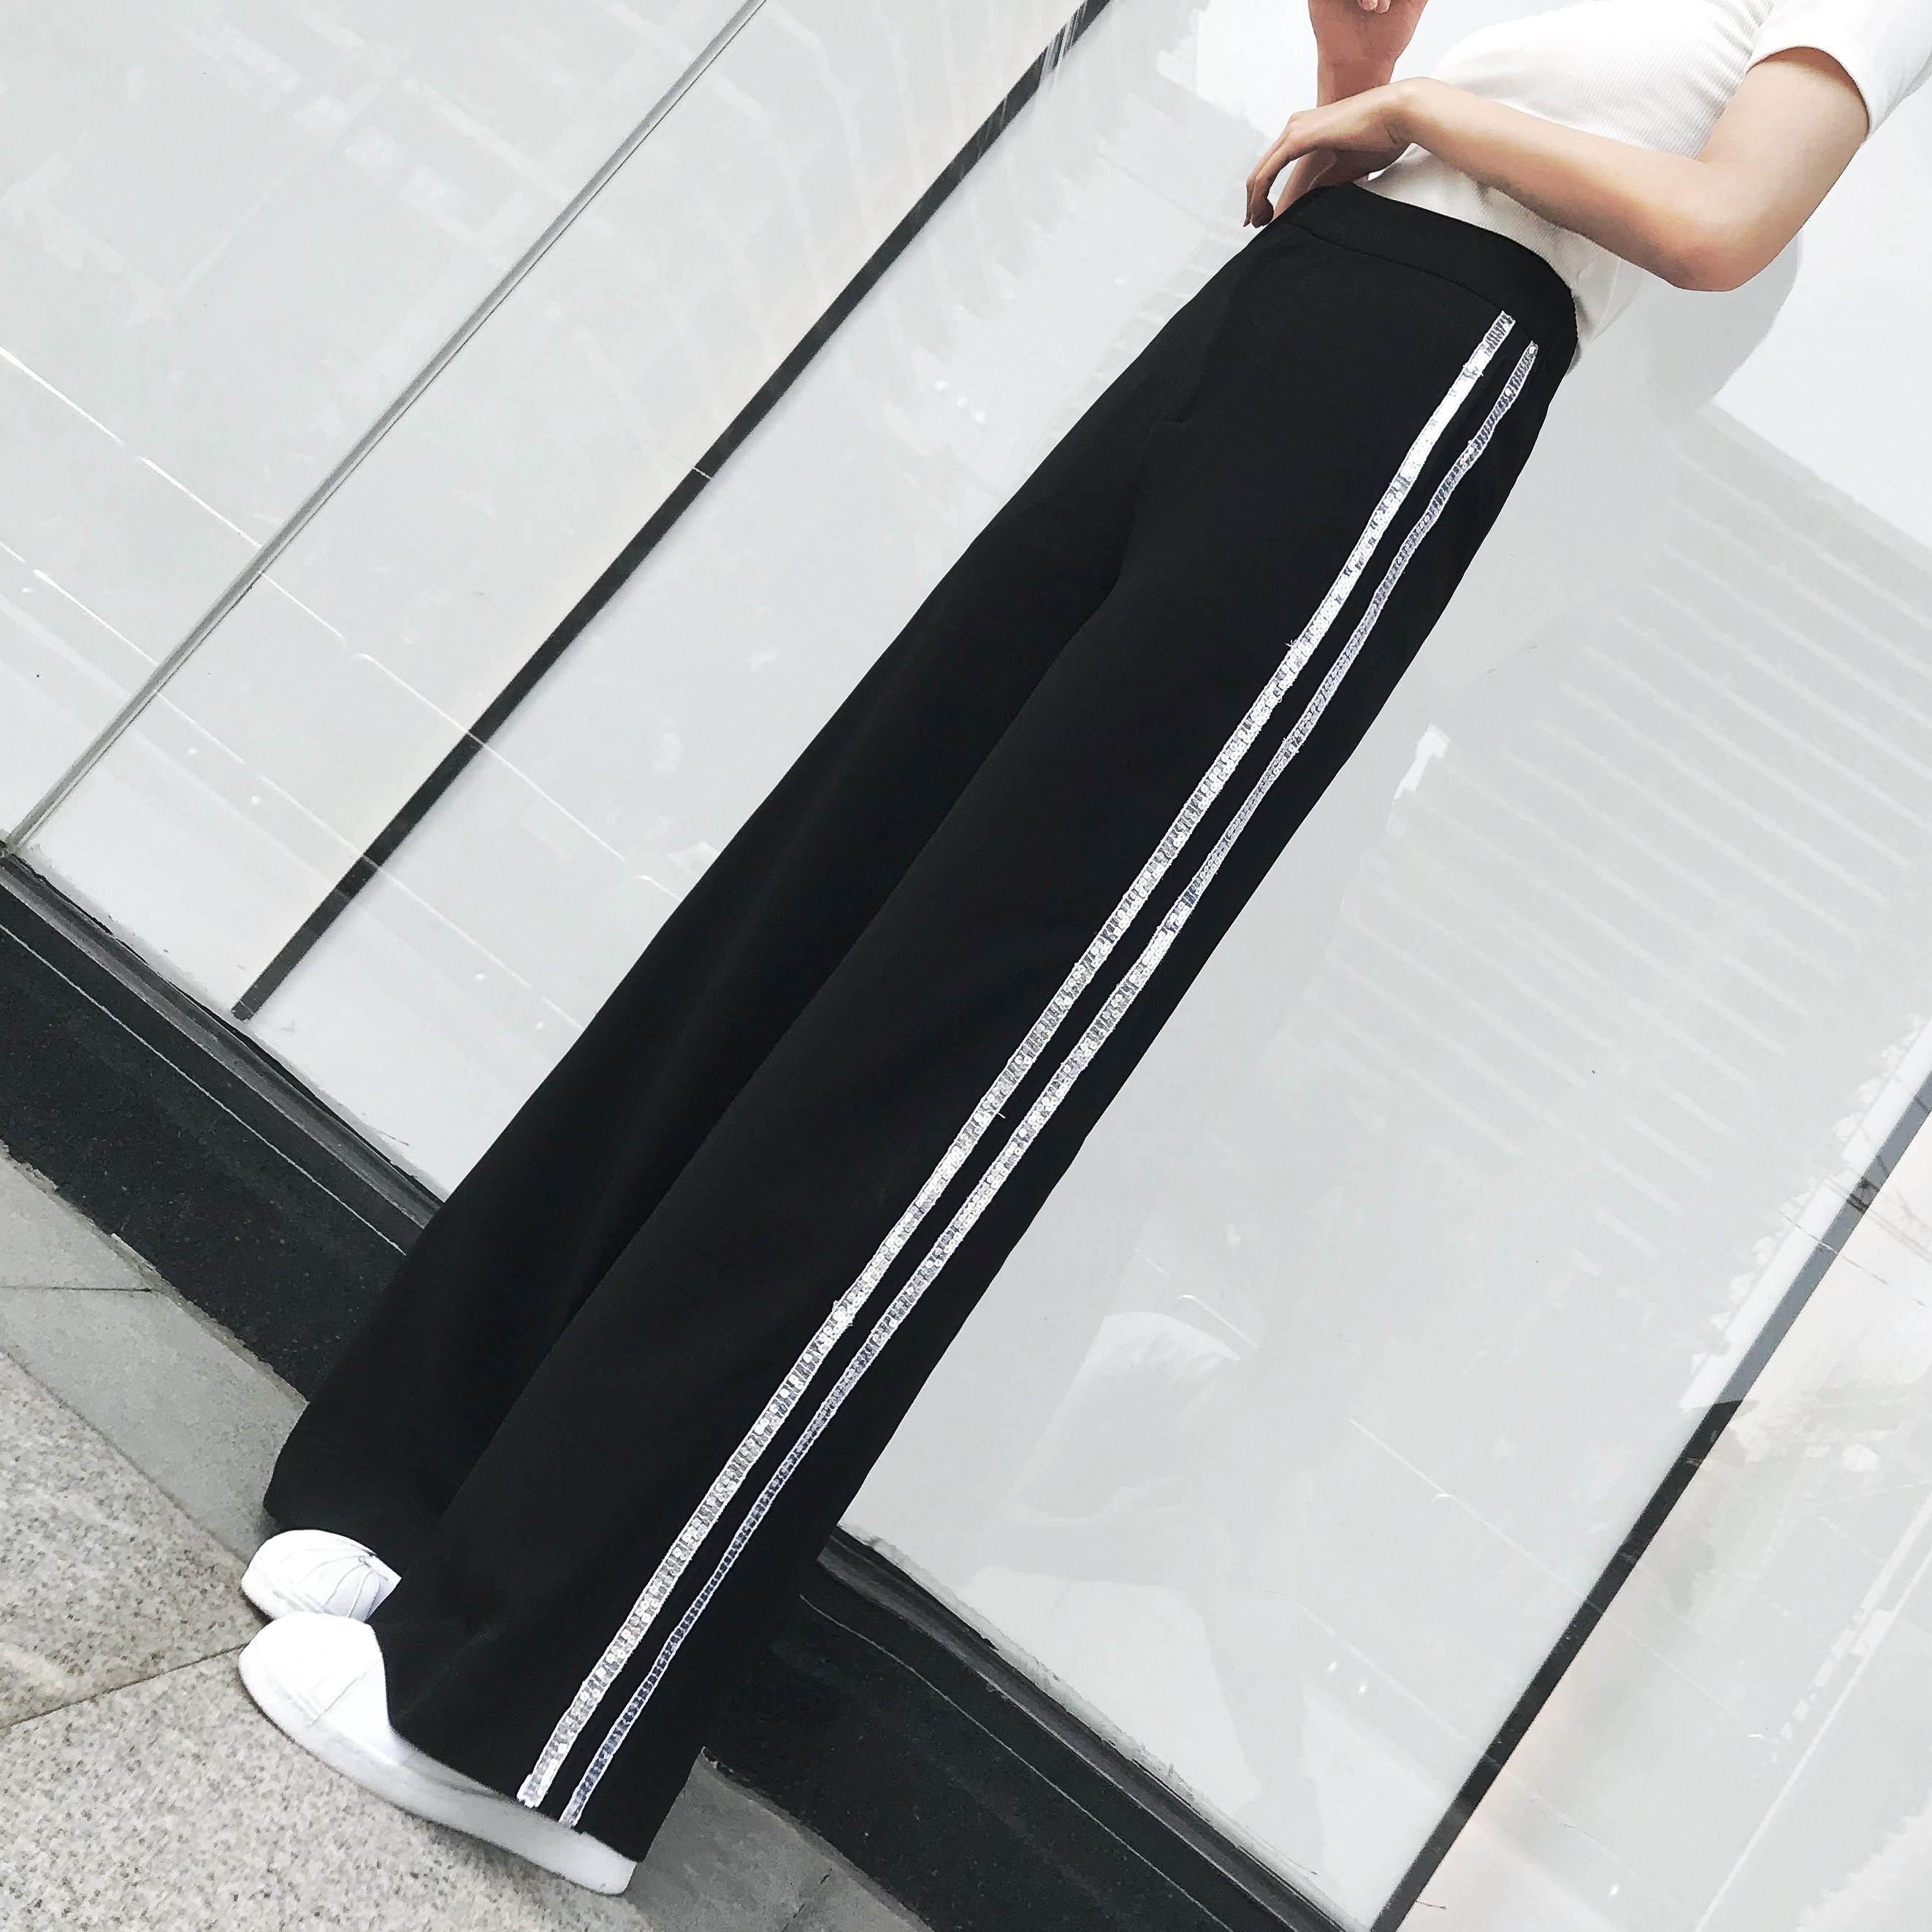 阔腿裤女长裤夏季新款侧边亮片条纹高腰显瘦雪纺运动直筒裤休闲裤